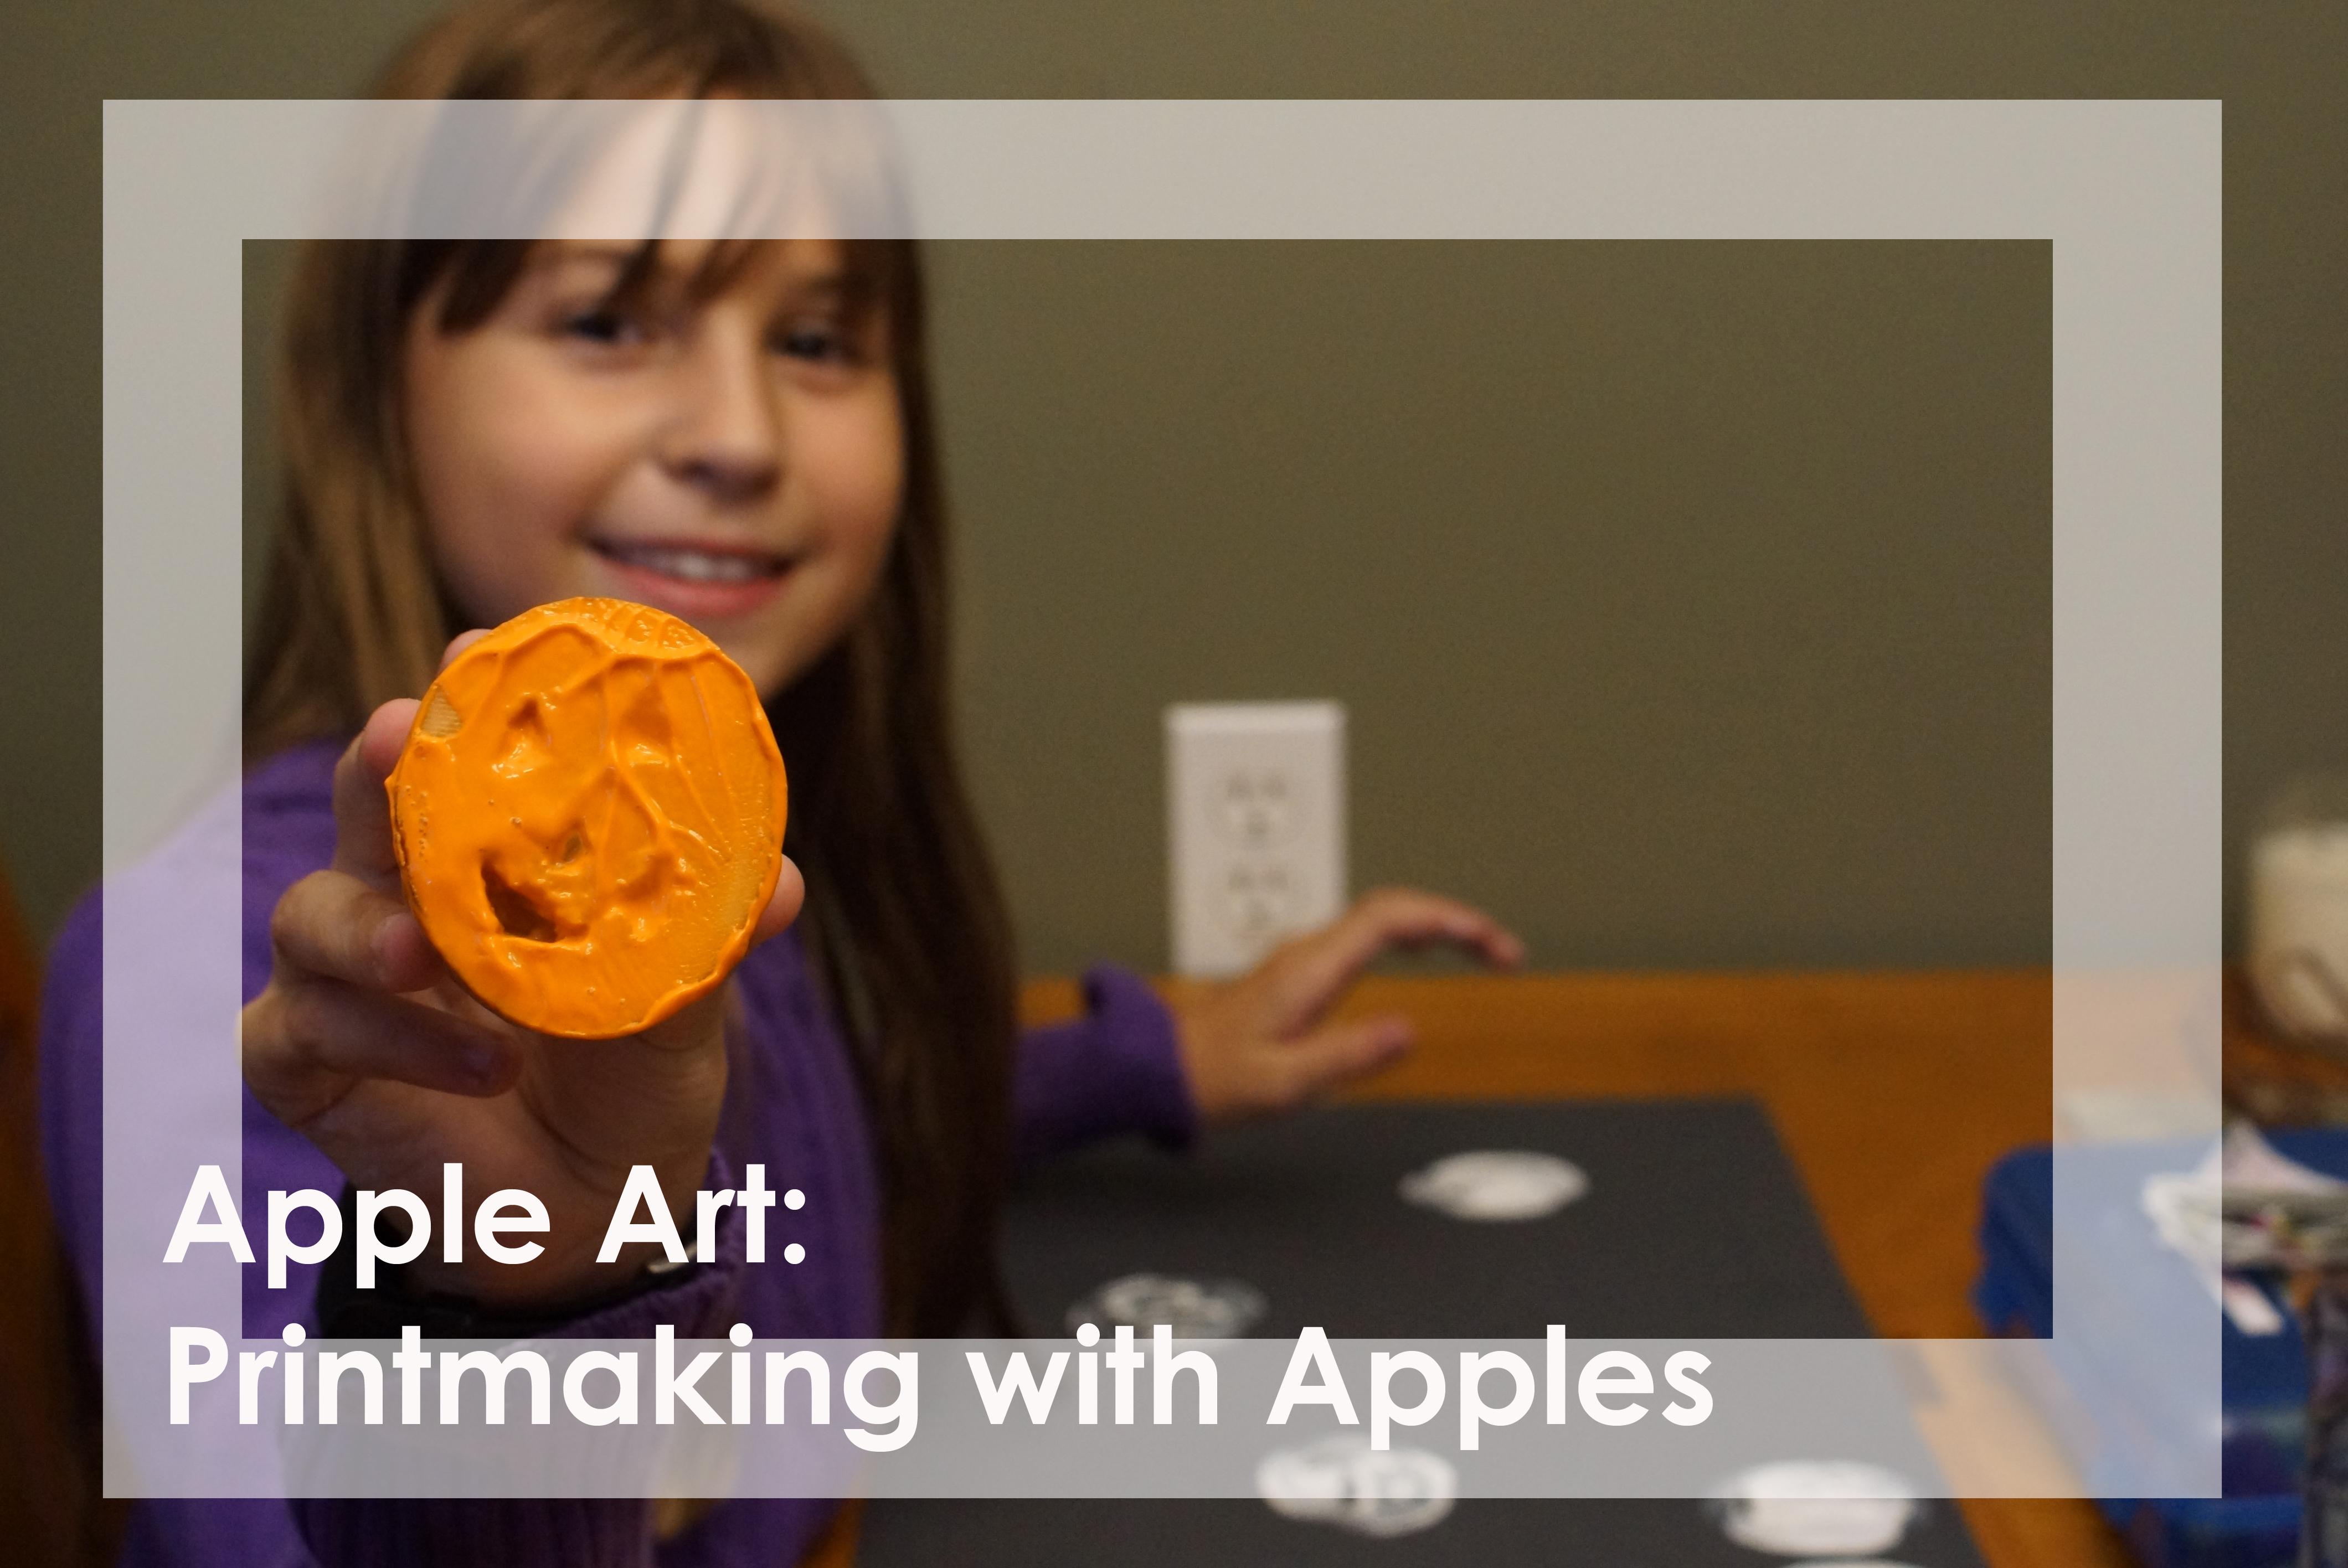 Apple Art: Using apples for printmaking